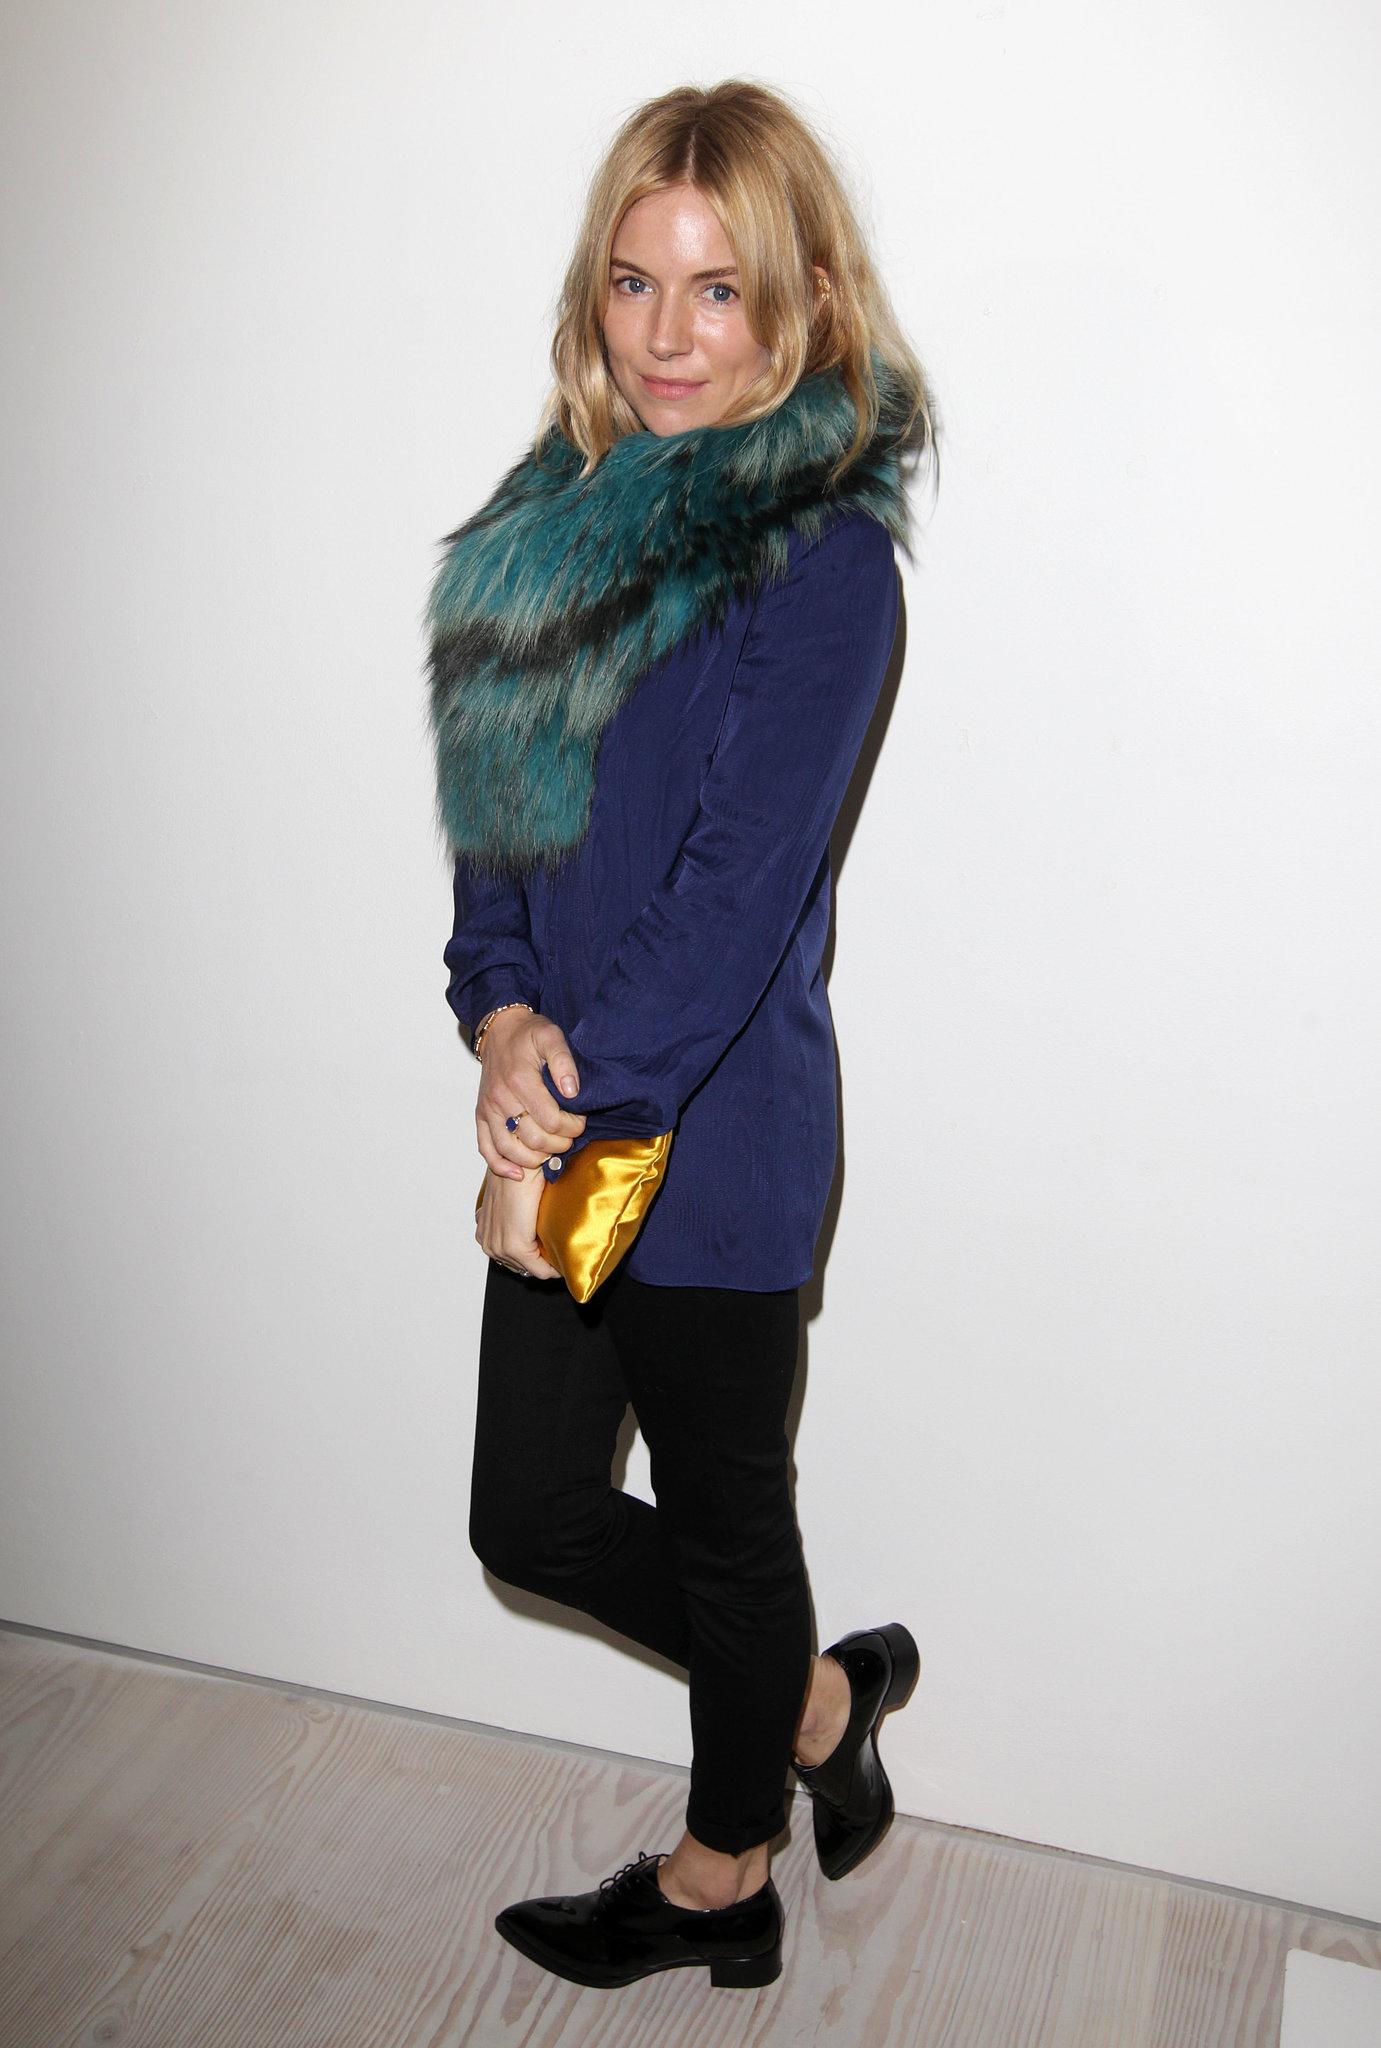 Sienna Miller wore a fur scarf to Matthew Williamson's show.